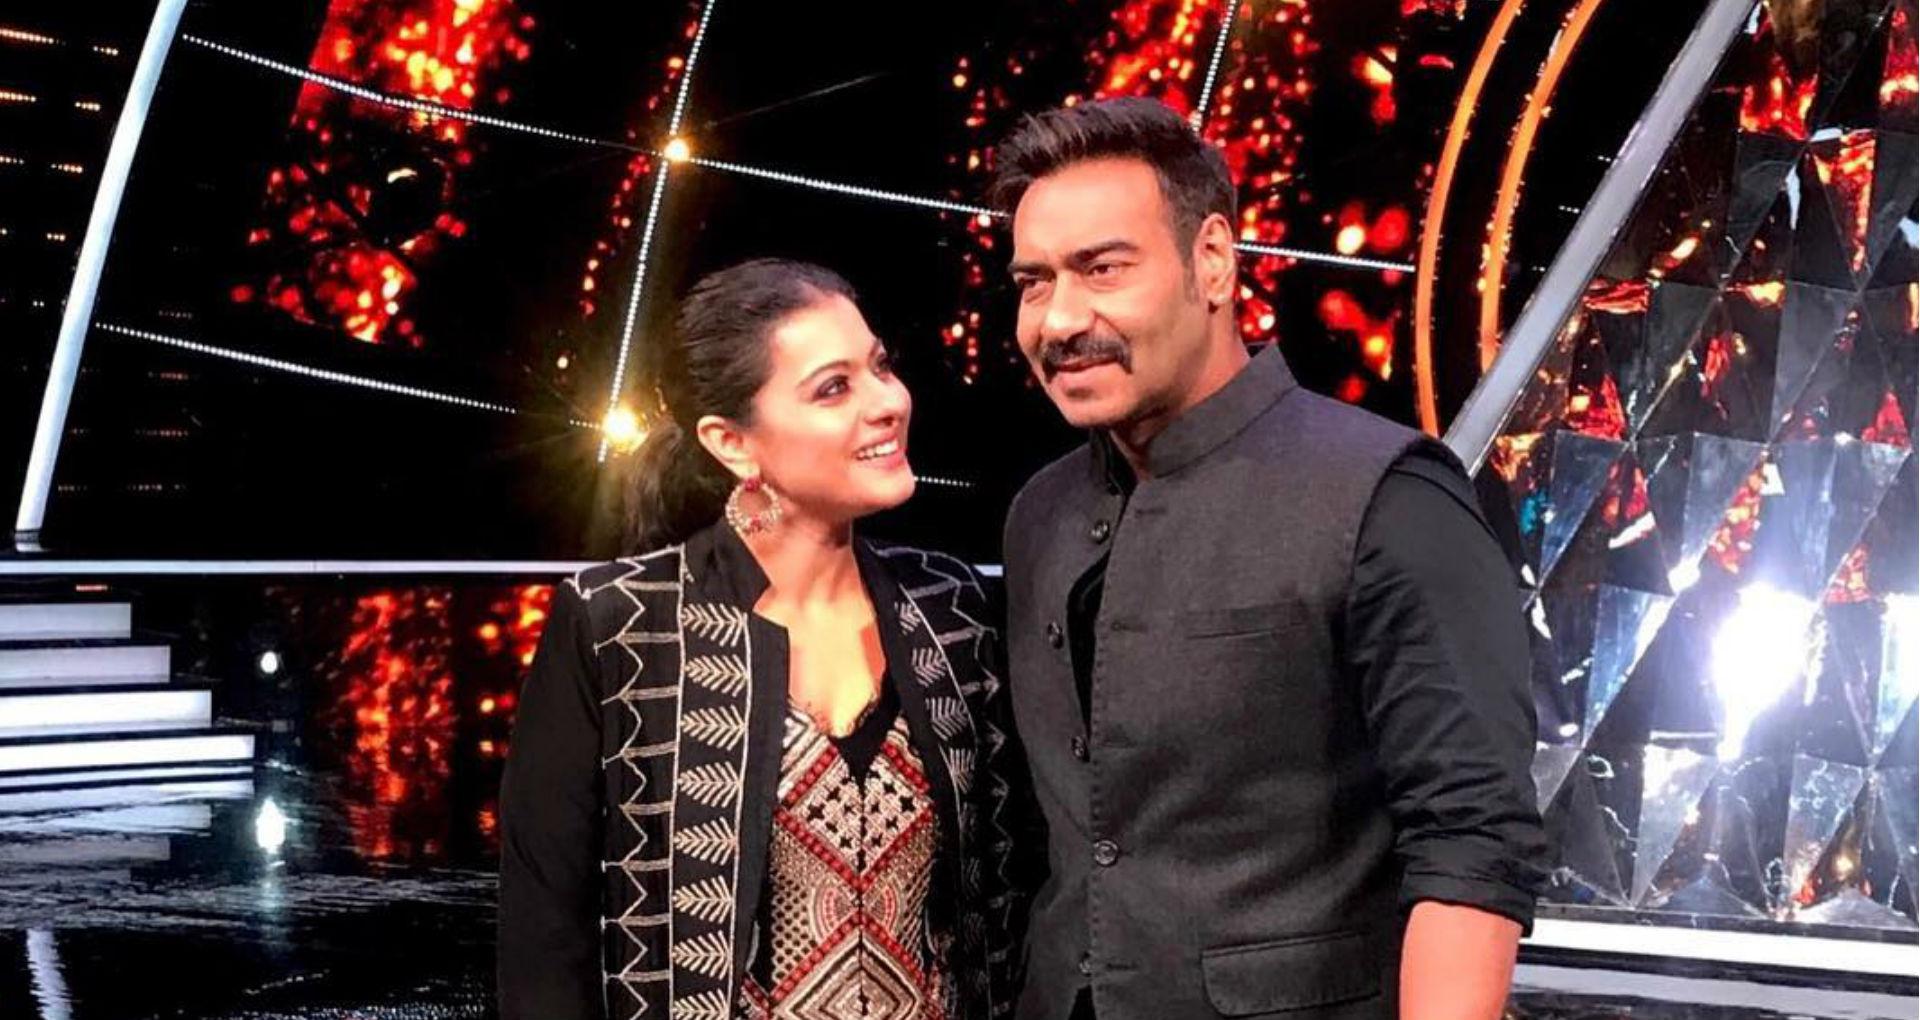 फिल्म तानाजी में साथ आए रियल कपल, अजय देवगन की पत्नी का किरदार निभा रही हैं काजोल!